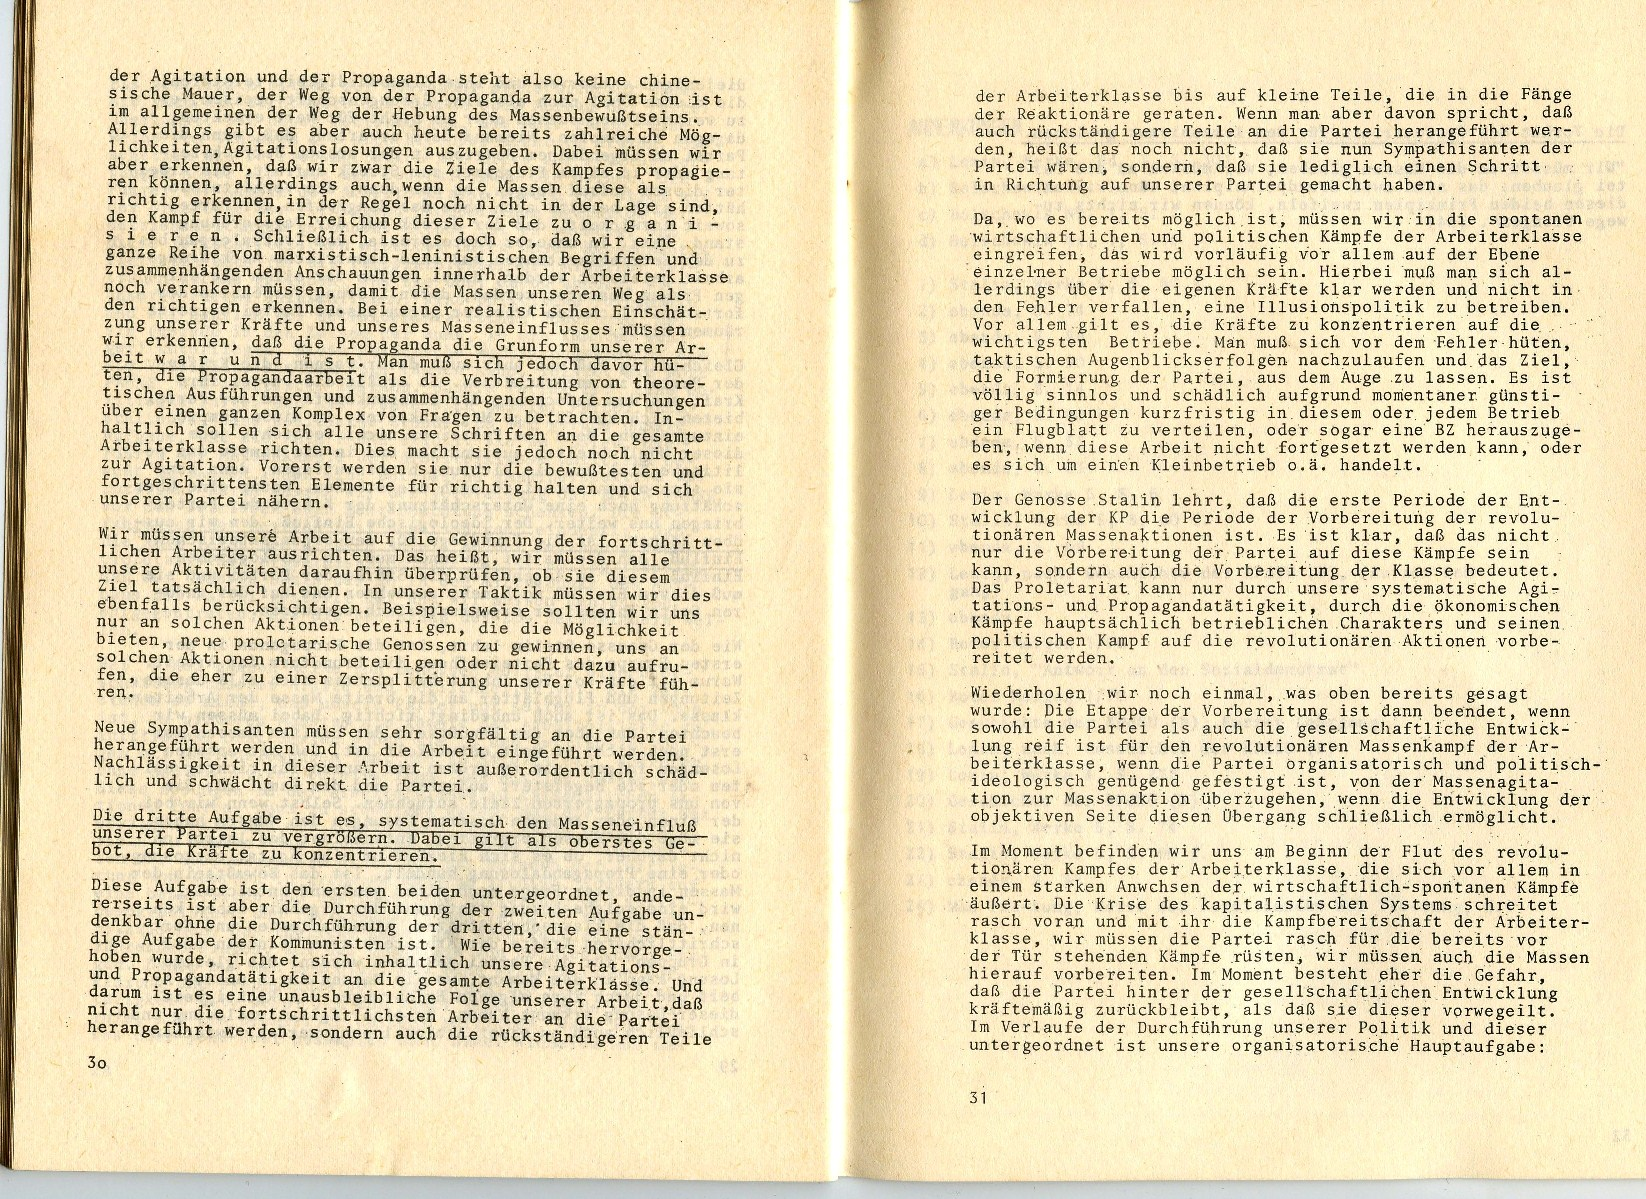 ZB_Etappen_Parteiaufbau_1971_22